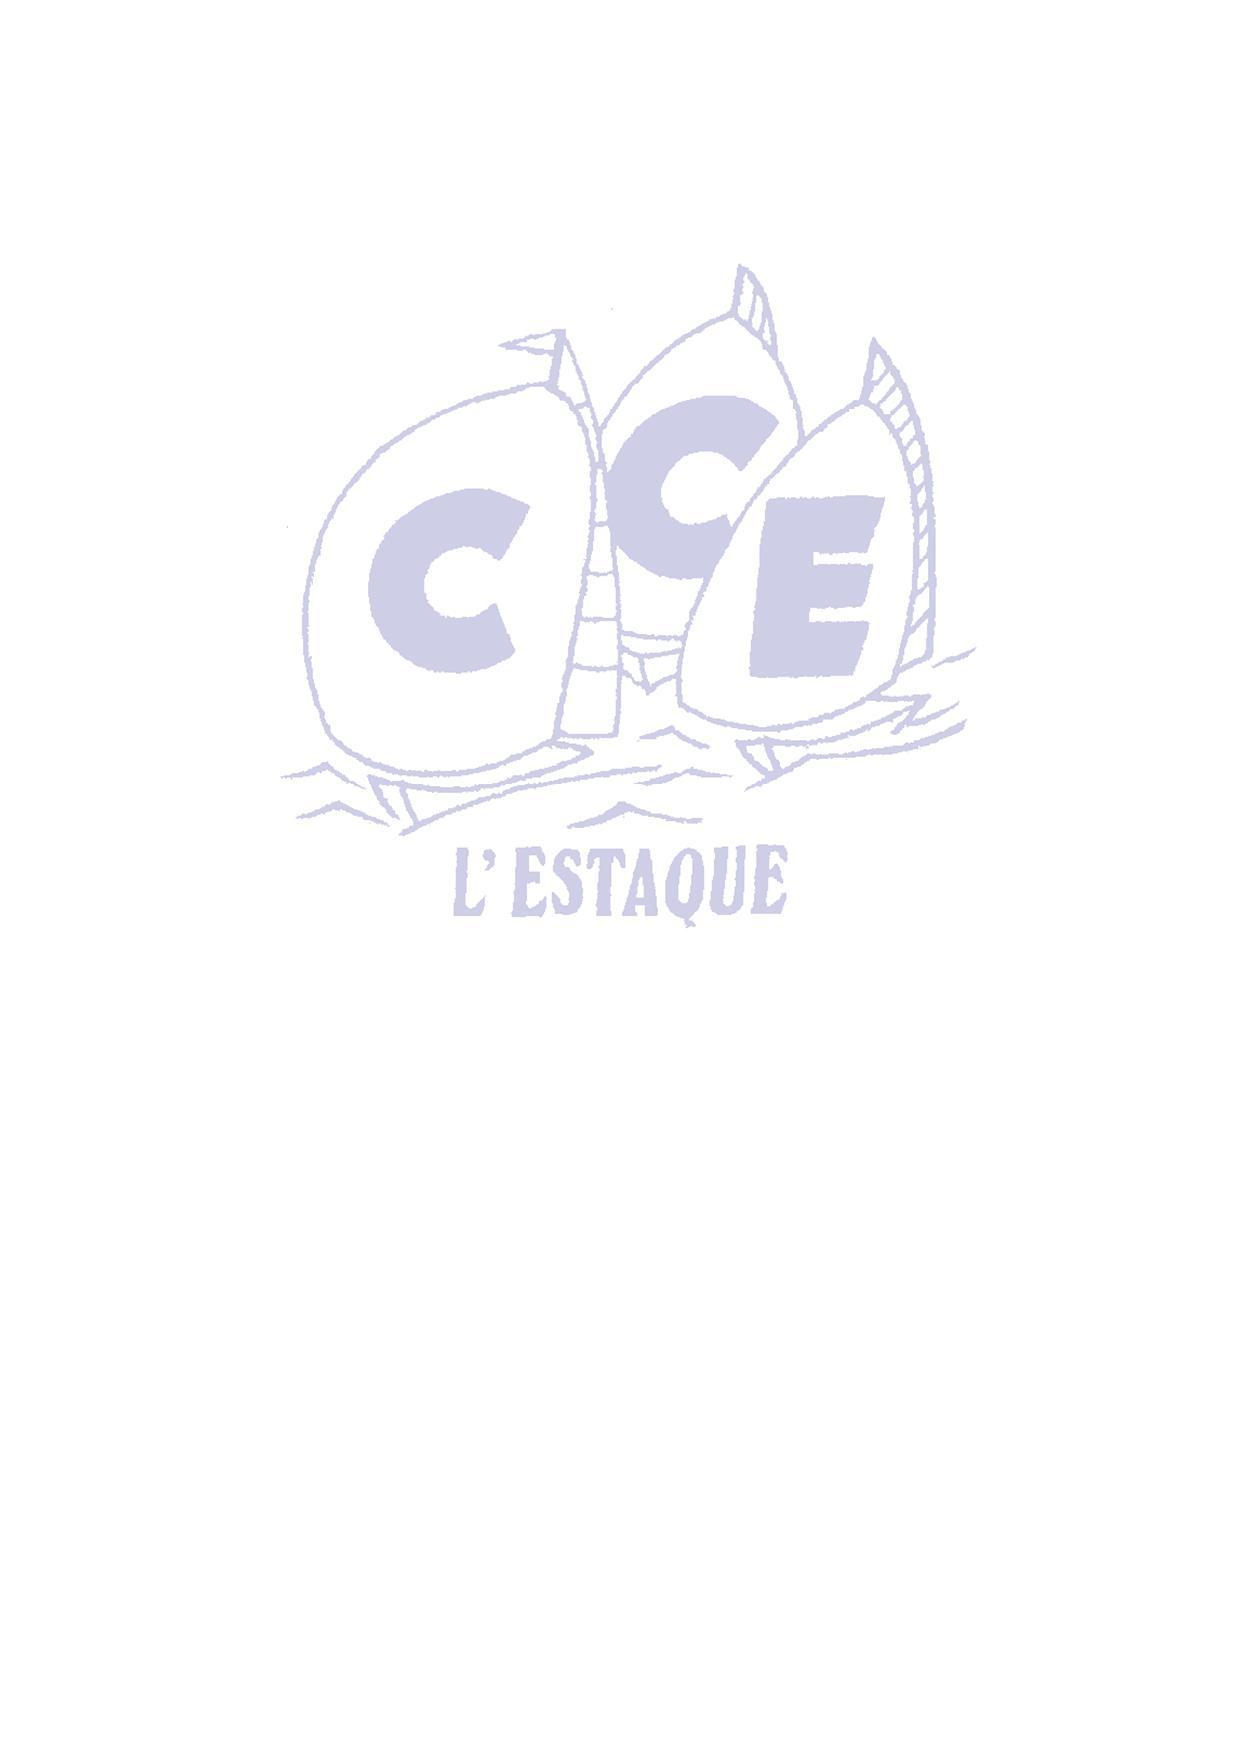 Challenge des clubs de l'Estaque (CCE) 2014/2015 - REMISE DES PRIX Vendredi 13 MARS 2015 à 19 h 30